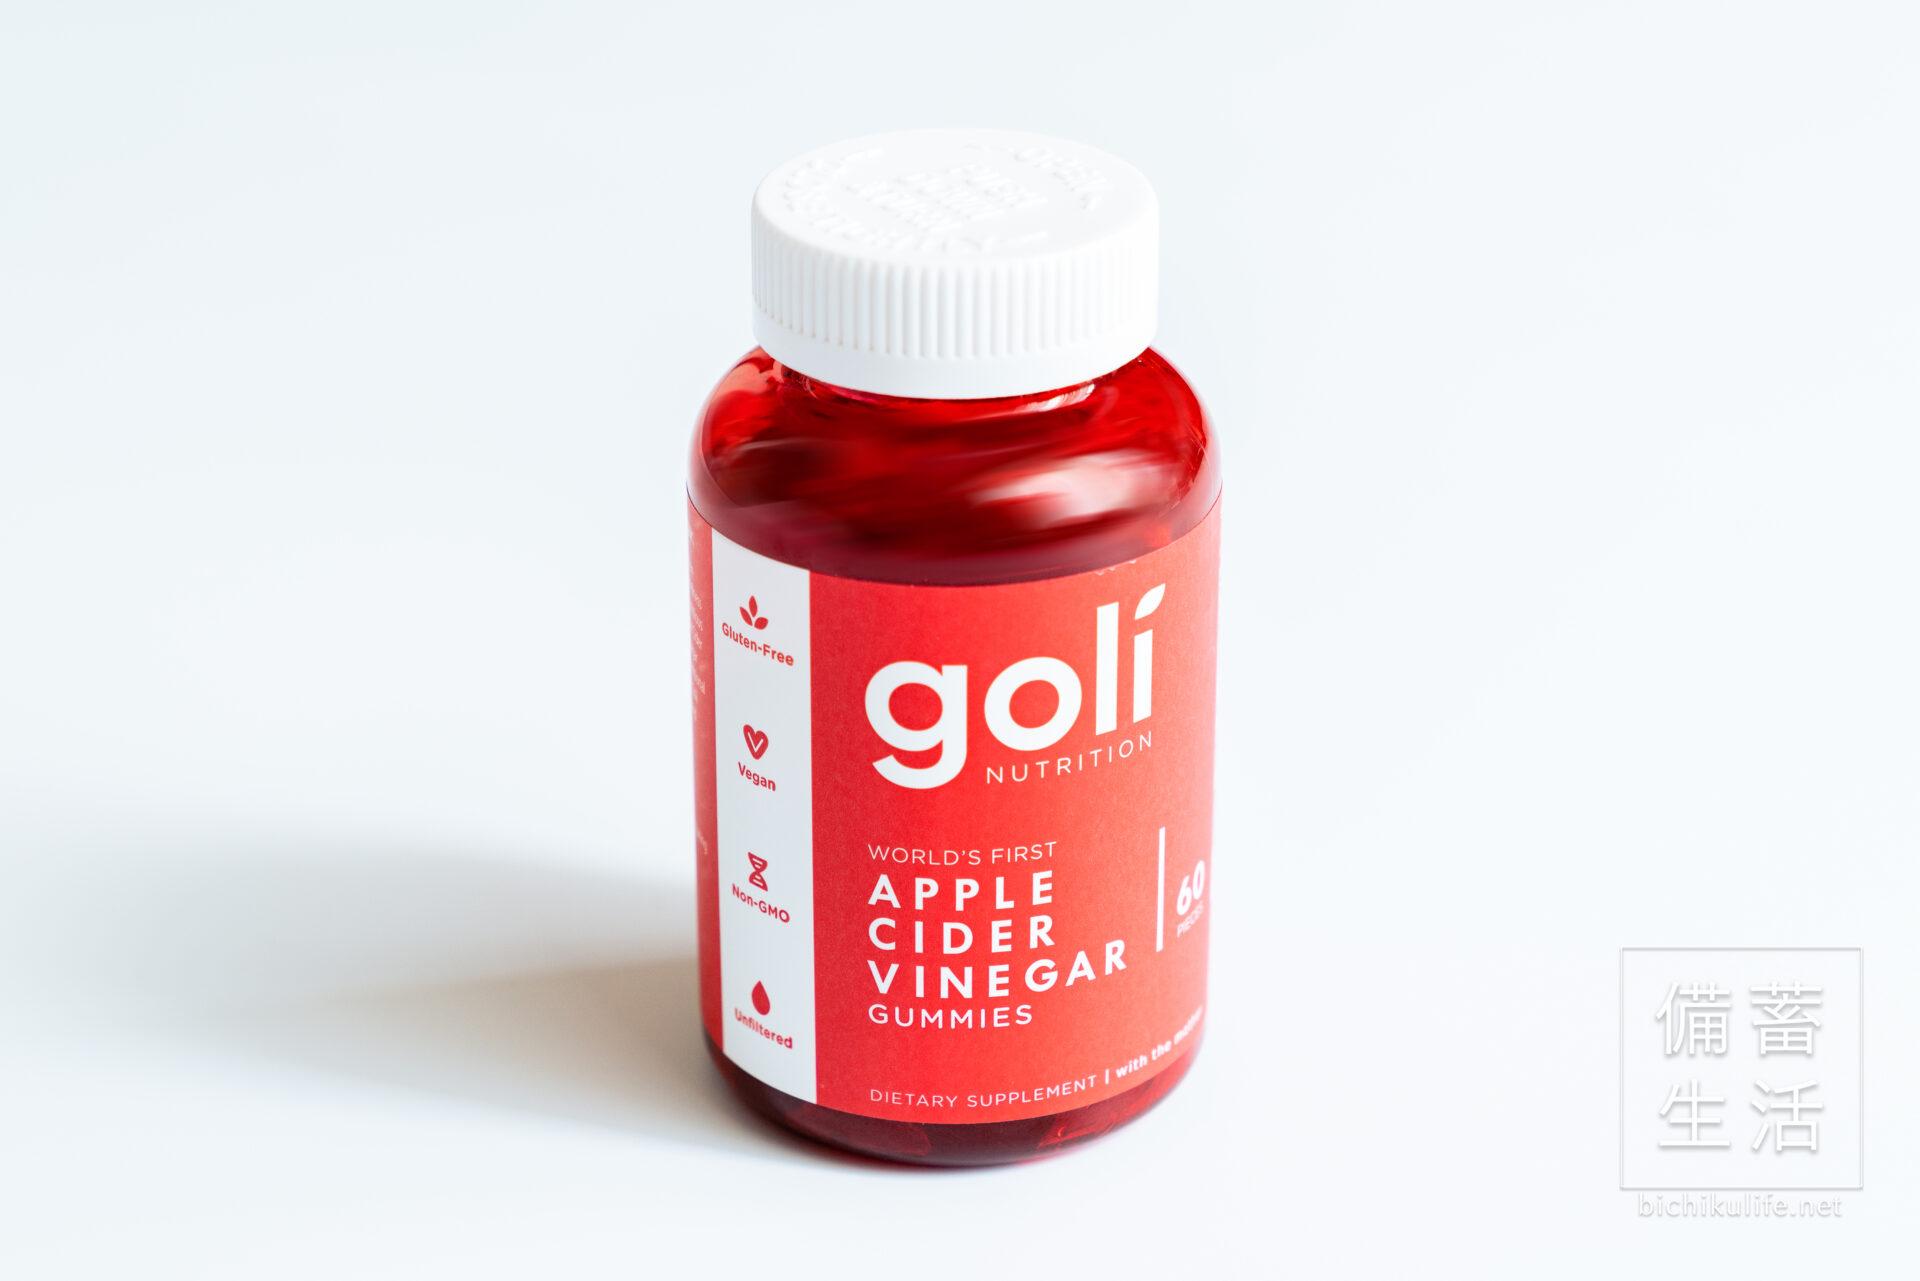 アップルサイダービネガーグミ Goli Nutrition(ゴリ ニュートリション)